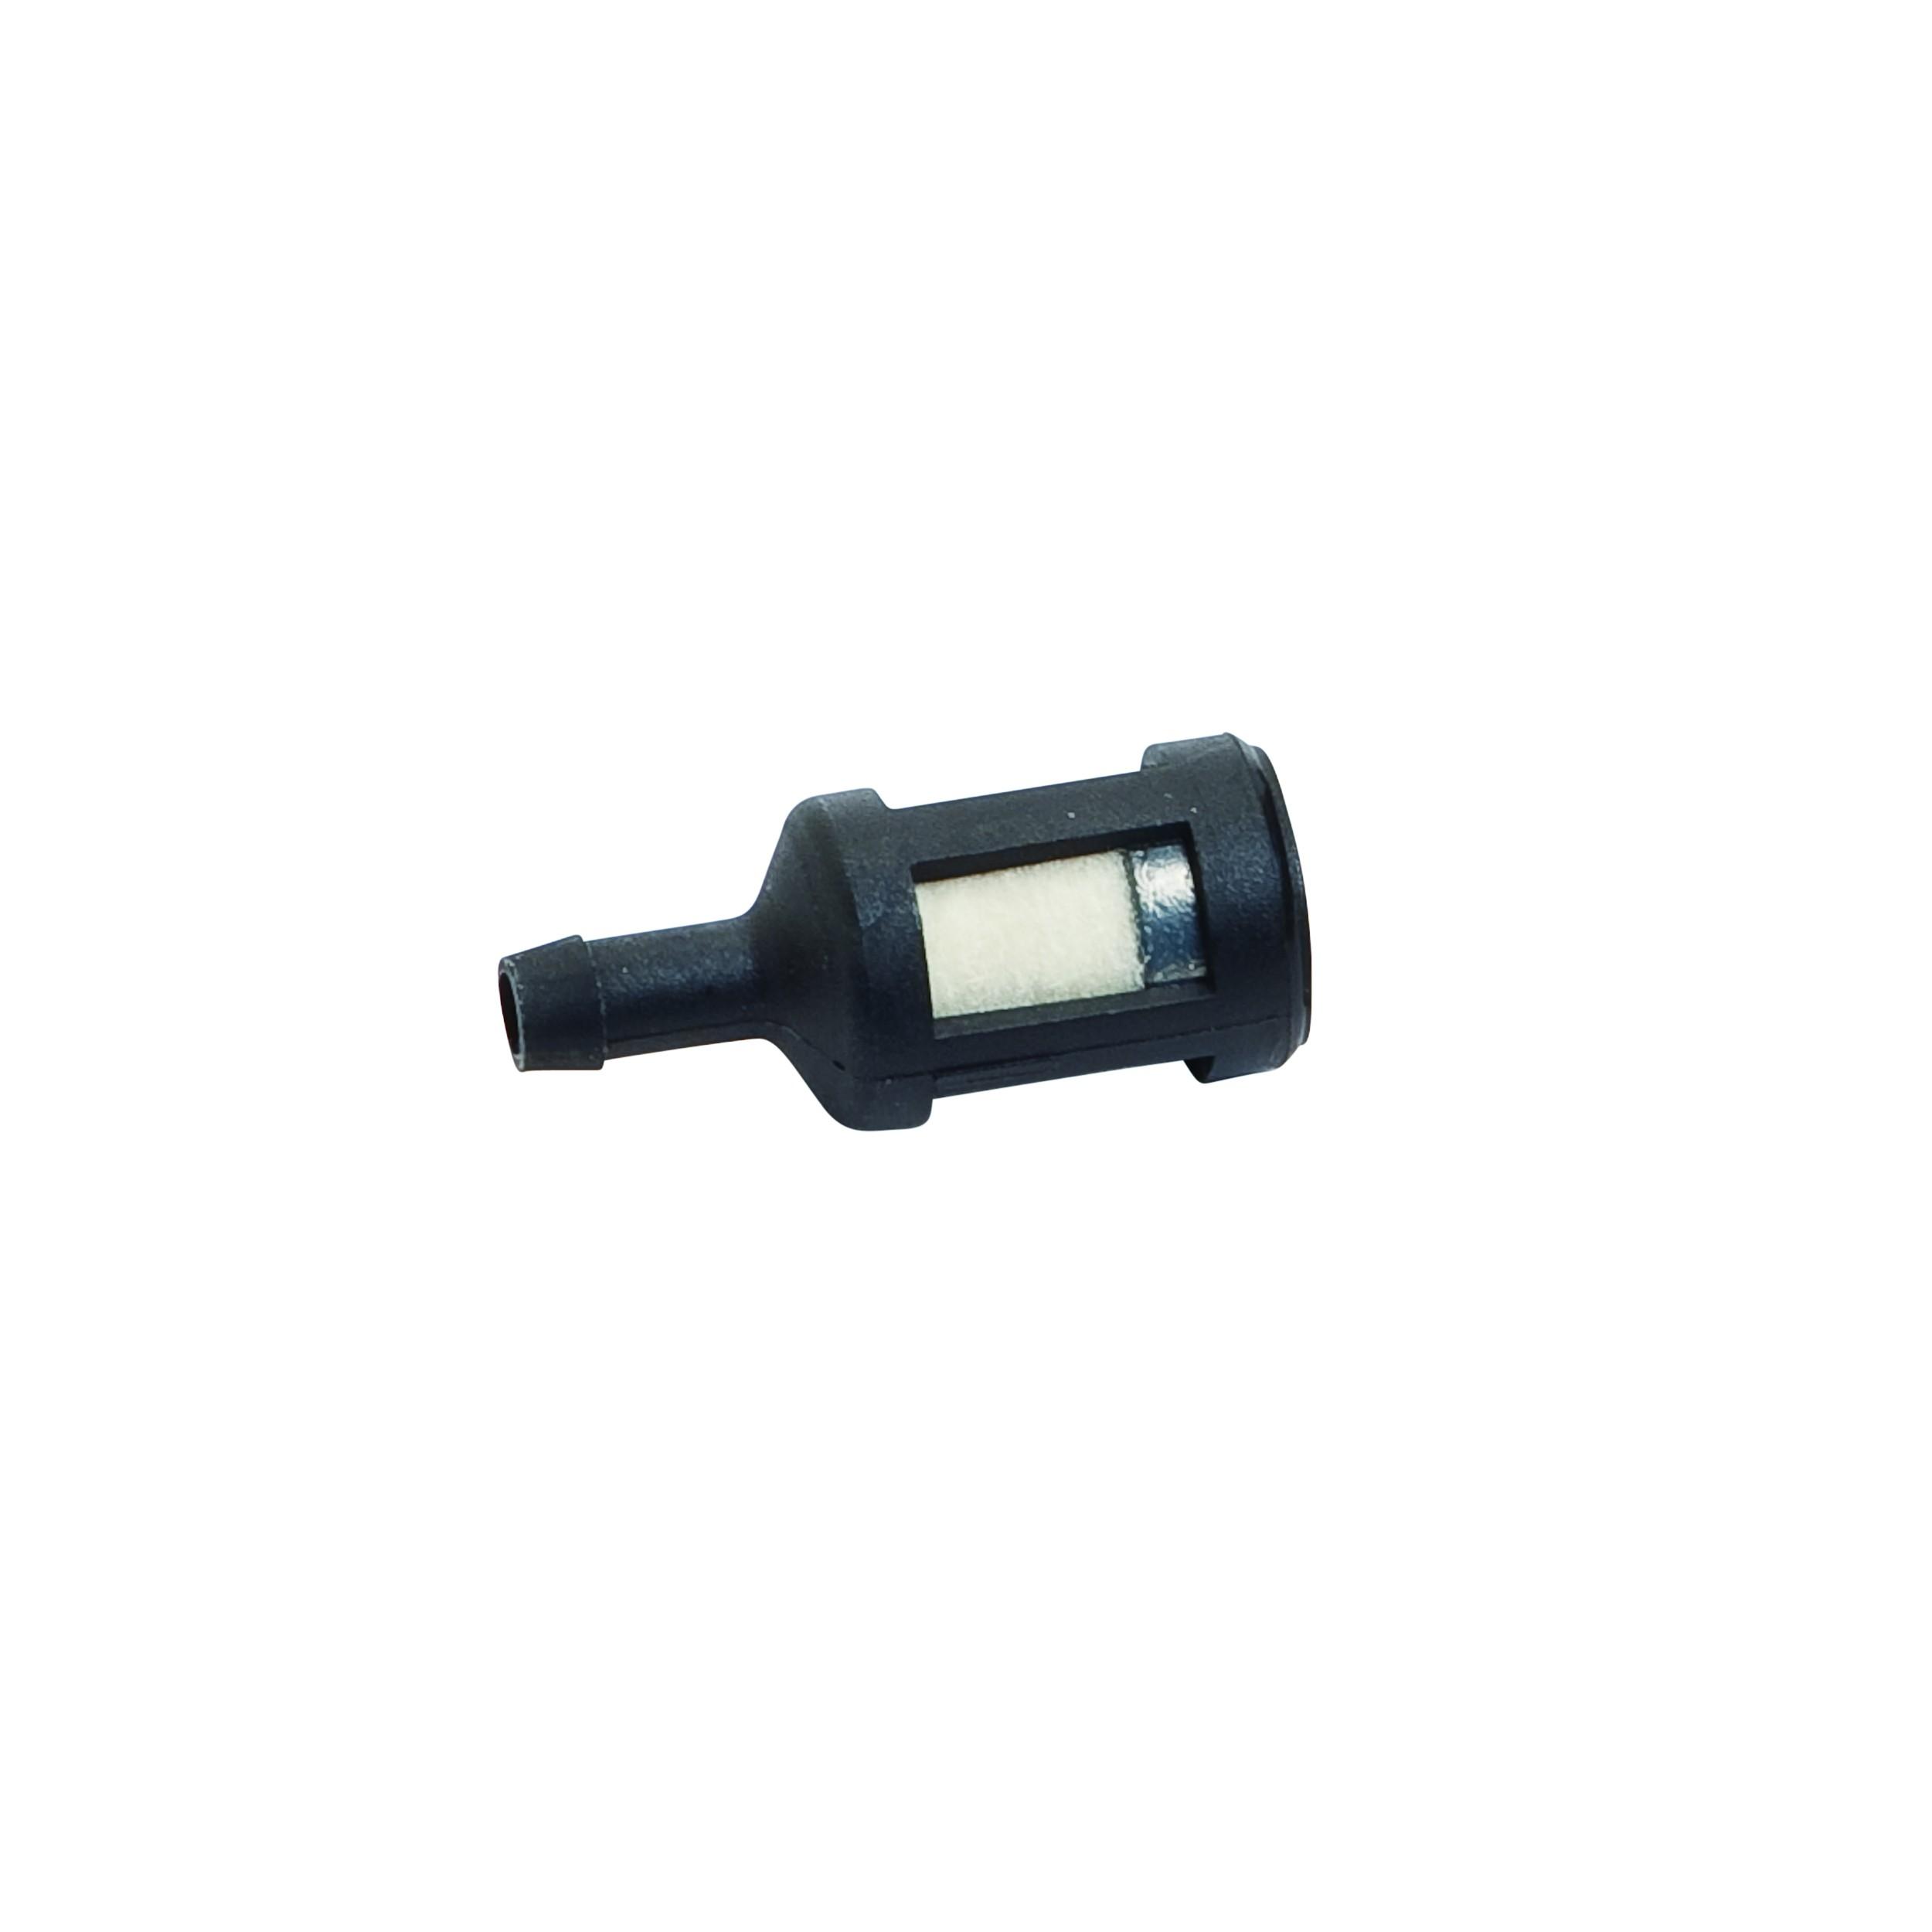 Palivový filtr (typ ZAMA ZF-2) hrdlo 4,8 mm